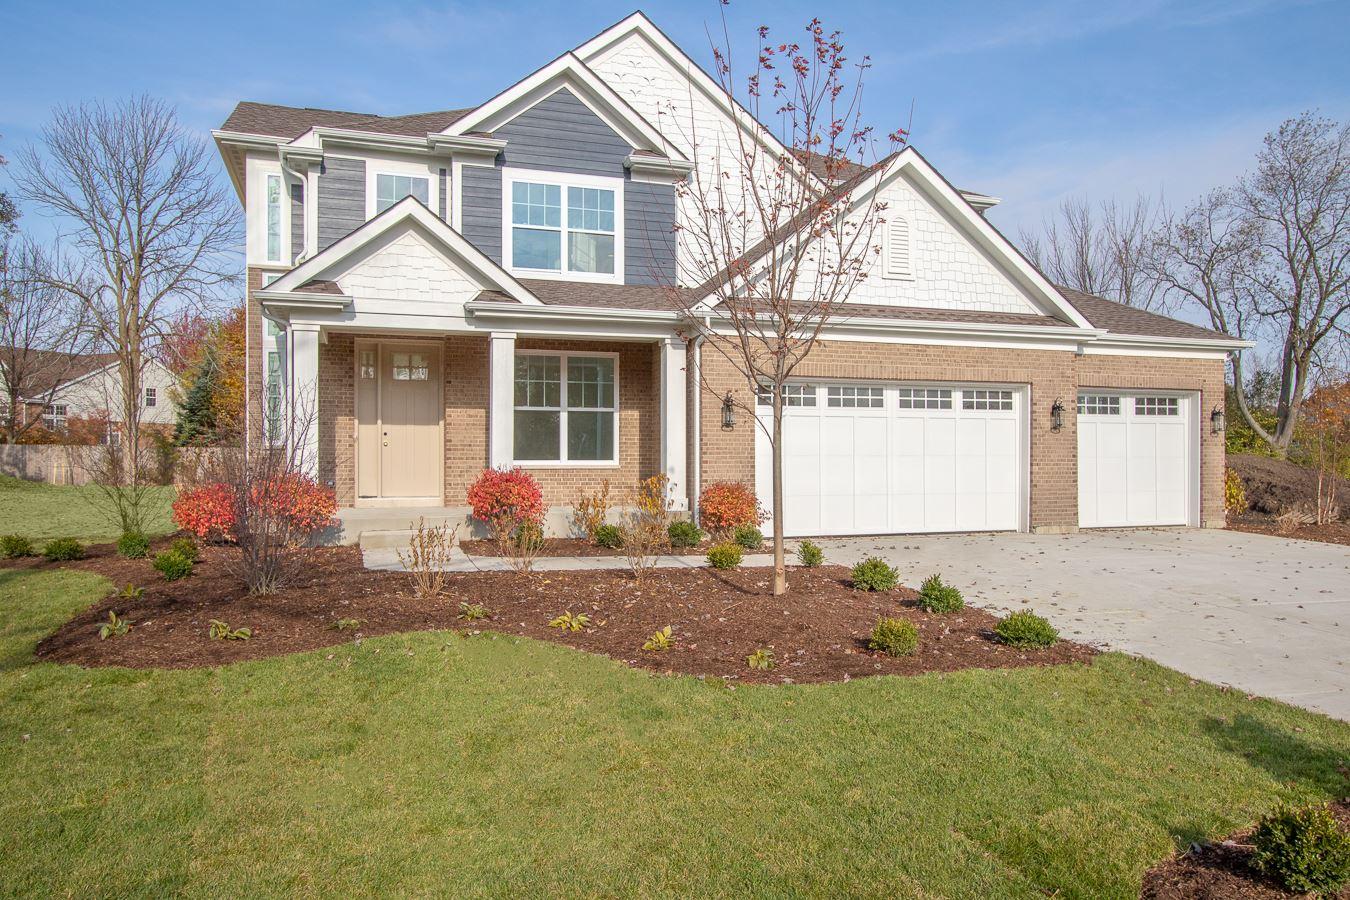 3319 Arbor Lane, Prairie Grove, IL 60012 - #: 11207888